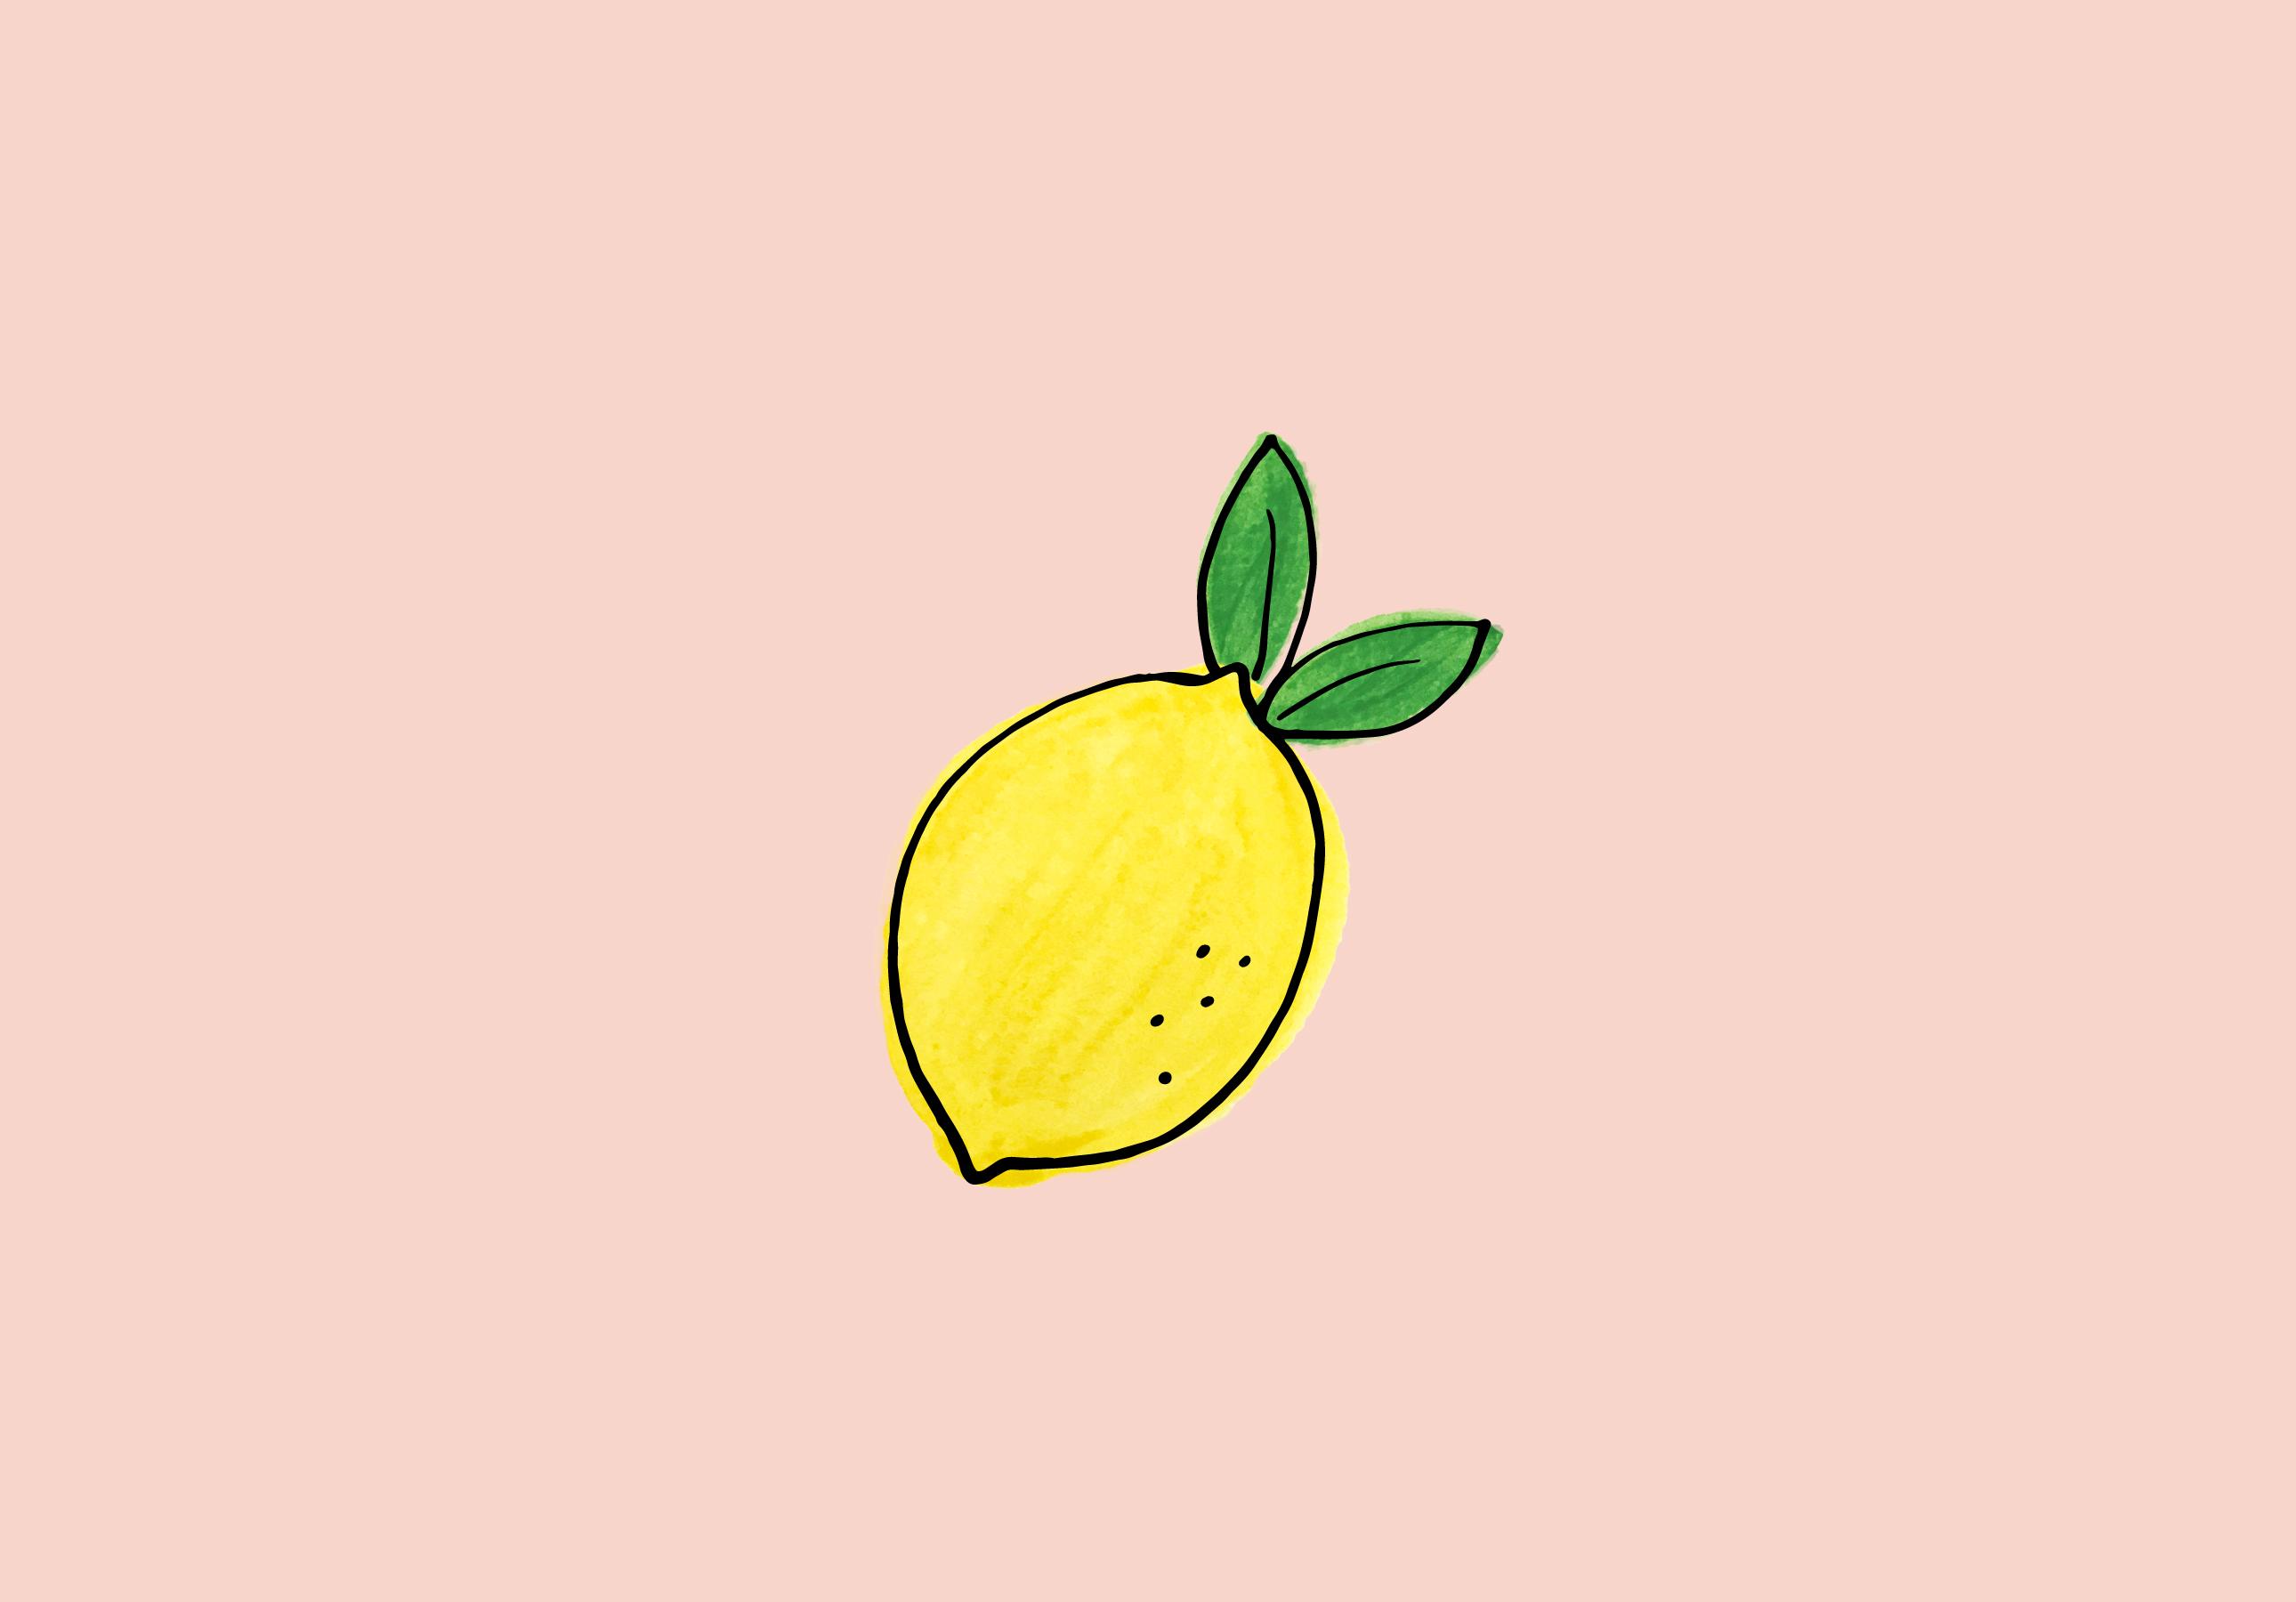 Styldbygrace_LemonSummer_PinkLemon_Wallpaper_Desktop